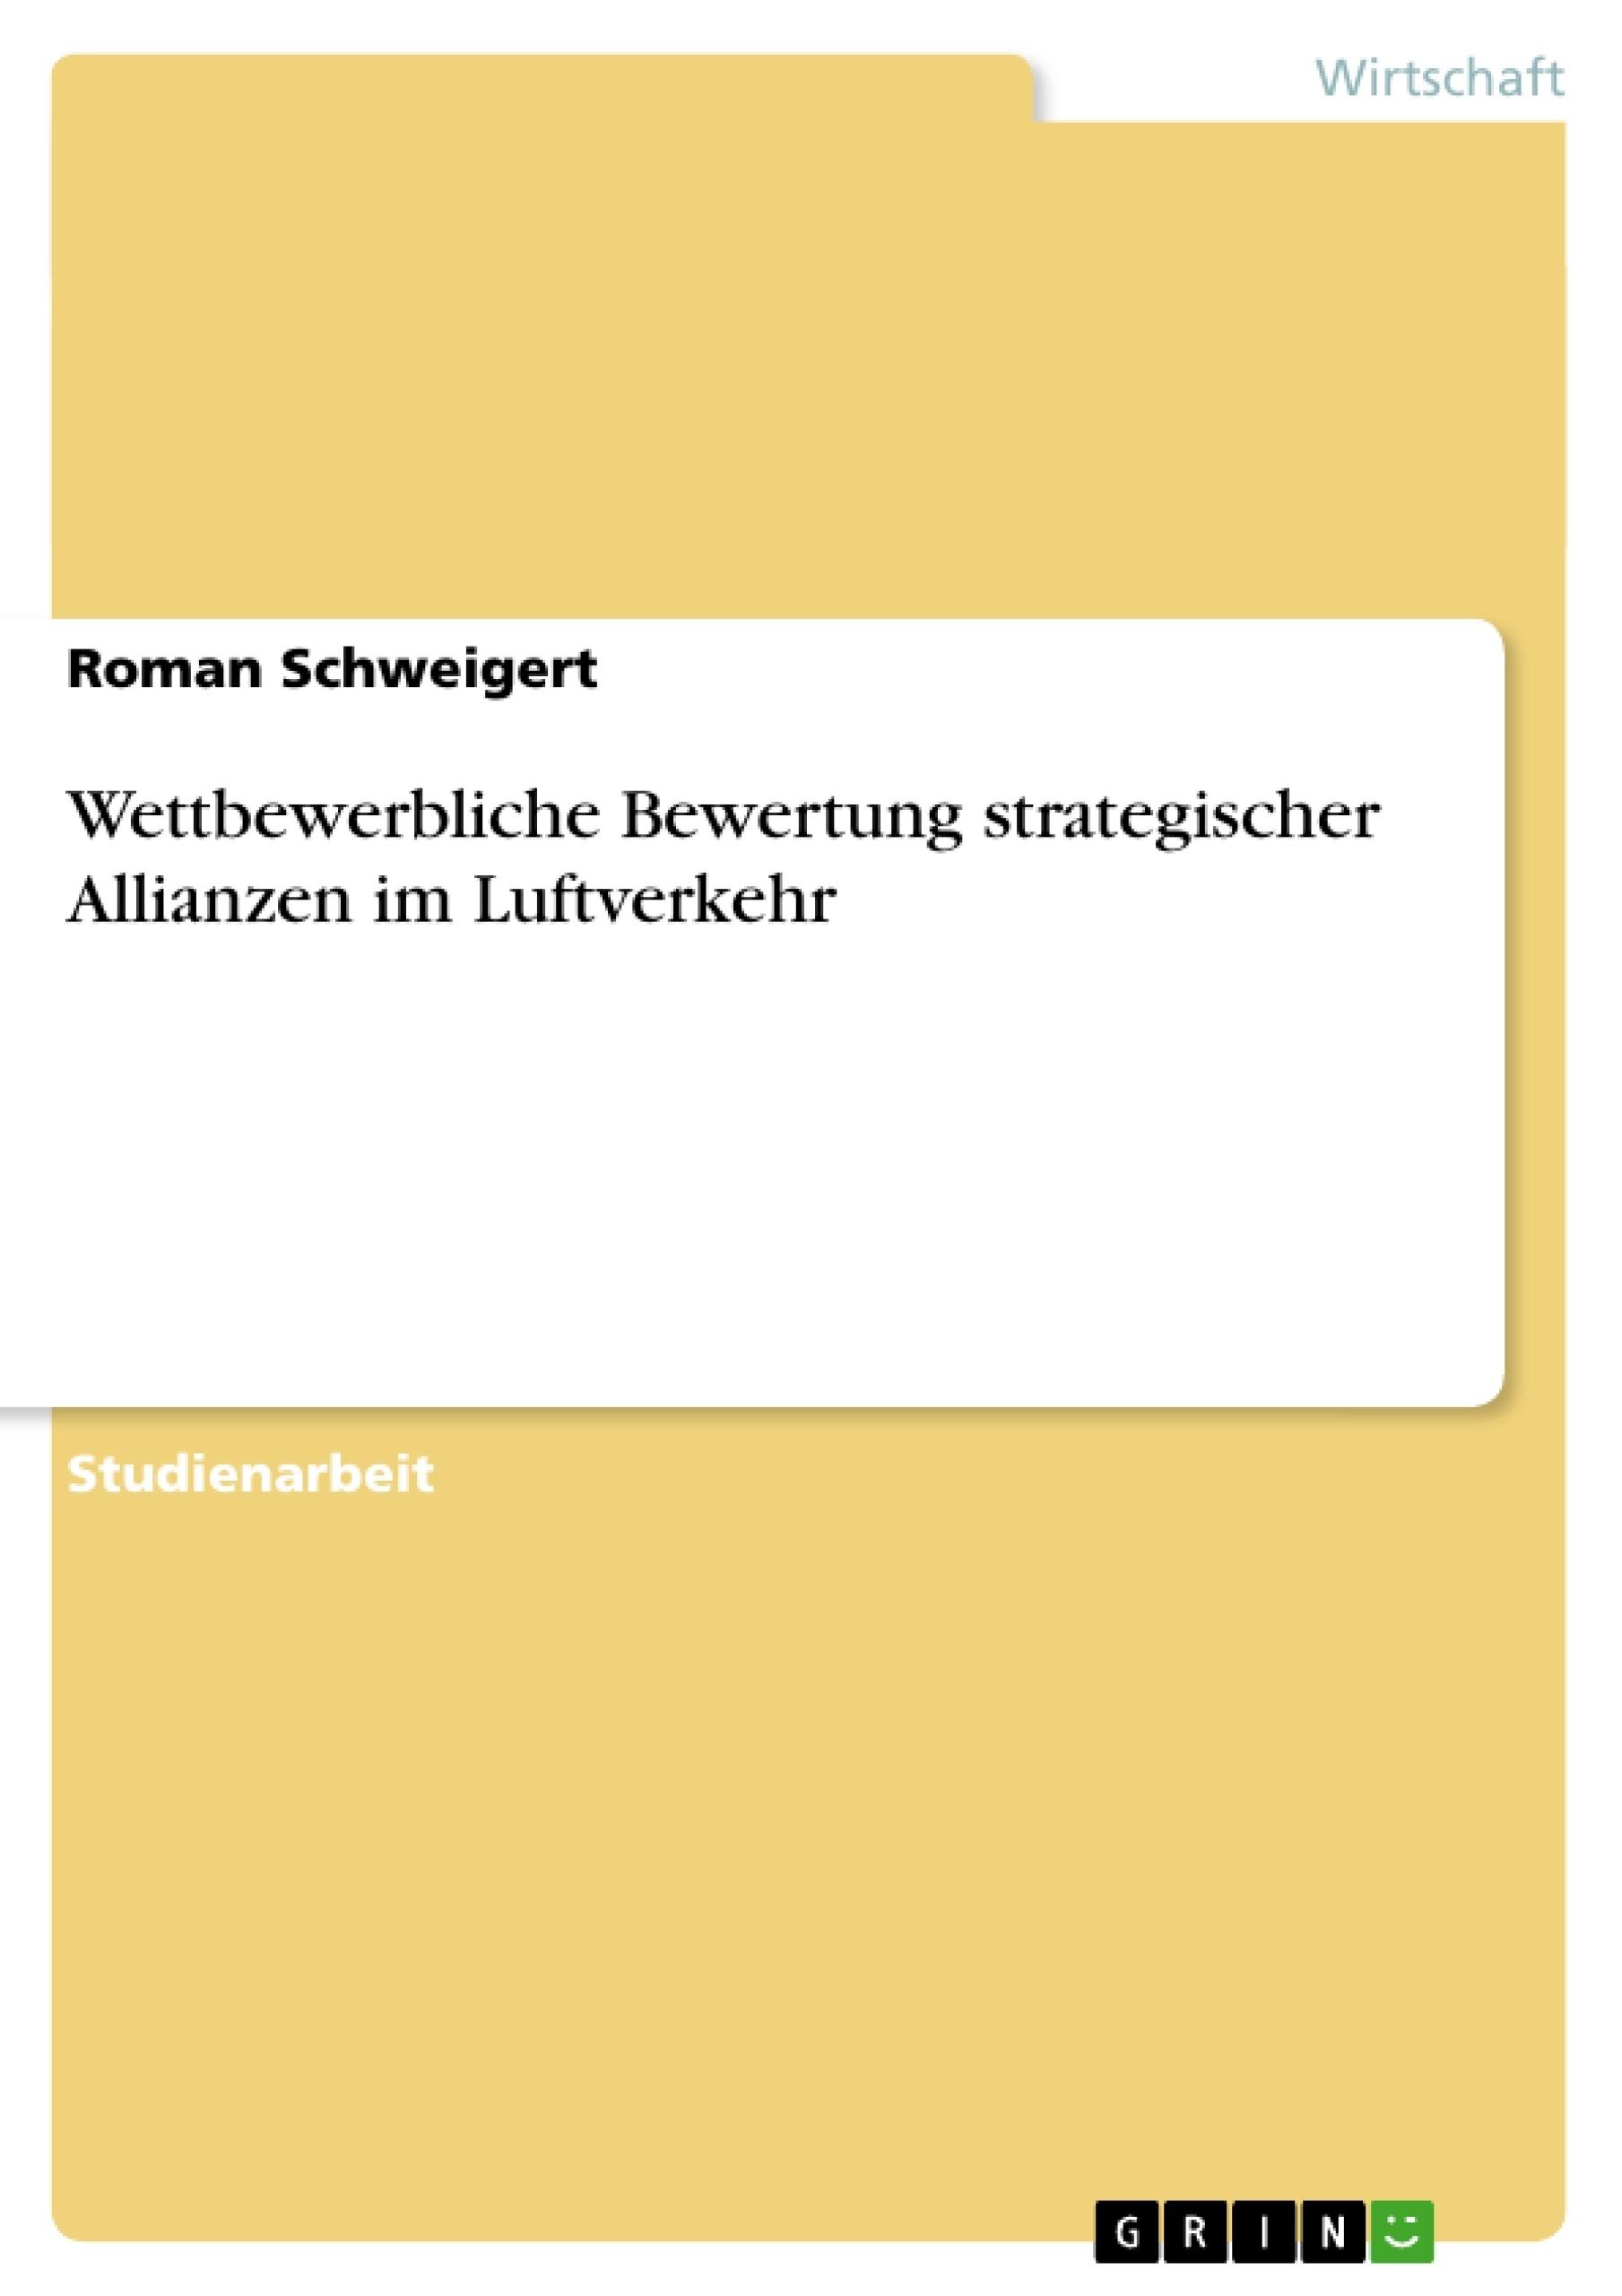 Titel: Wettbewerbliche Bewertung strategischer Allianzen im Luftverkehr